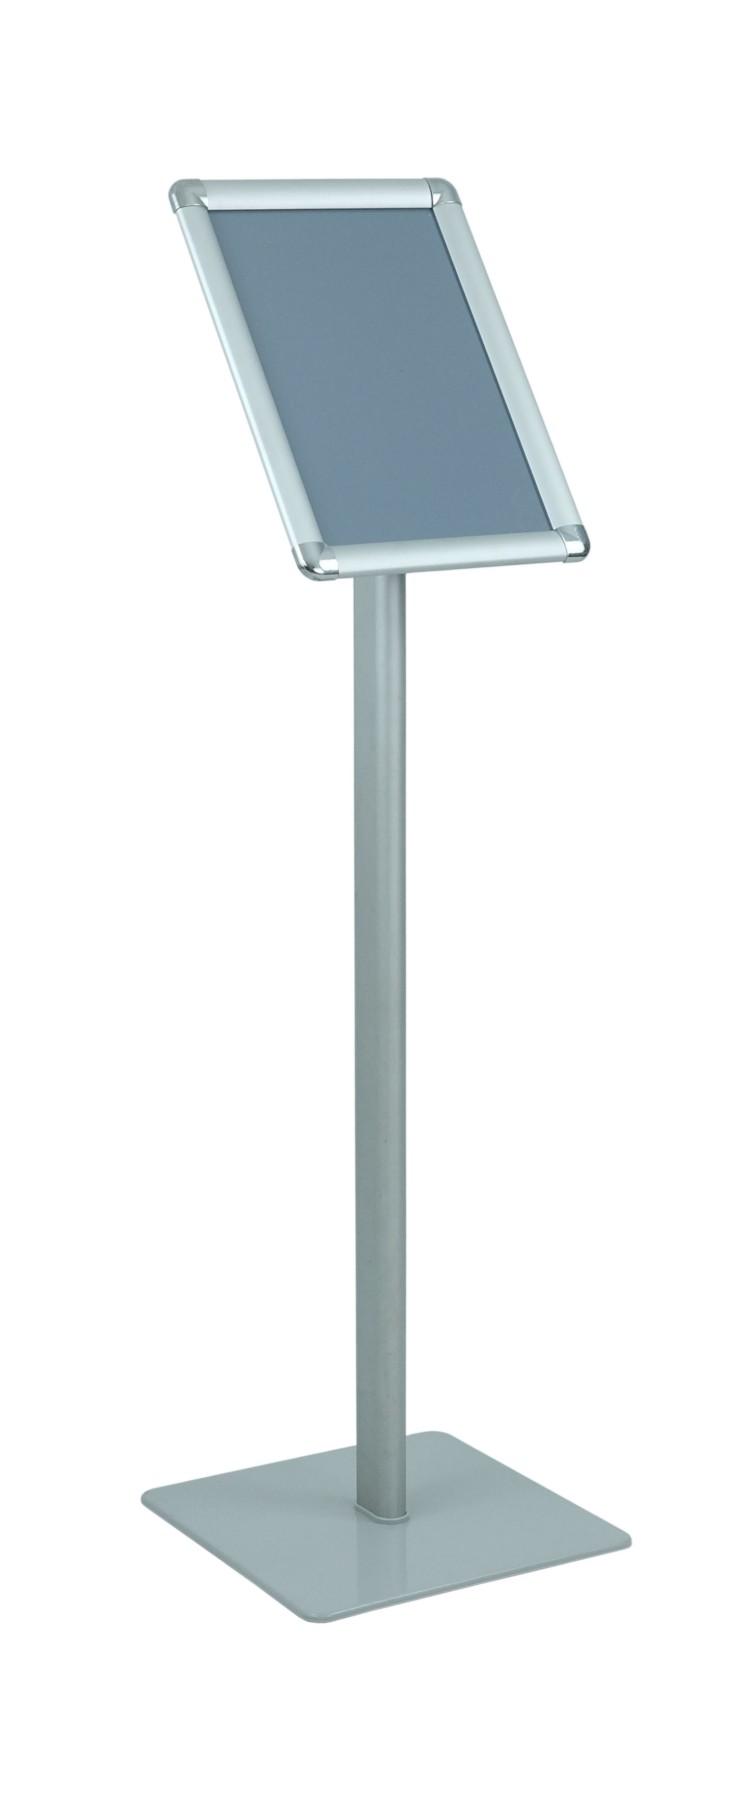 Reklamní stojan s kliprámem A4